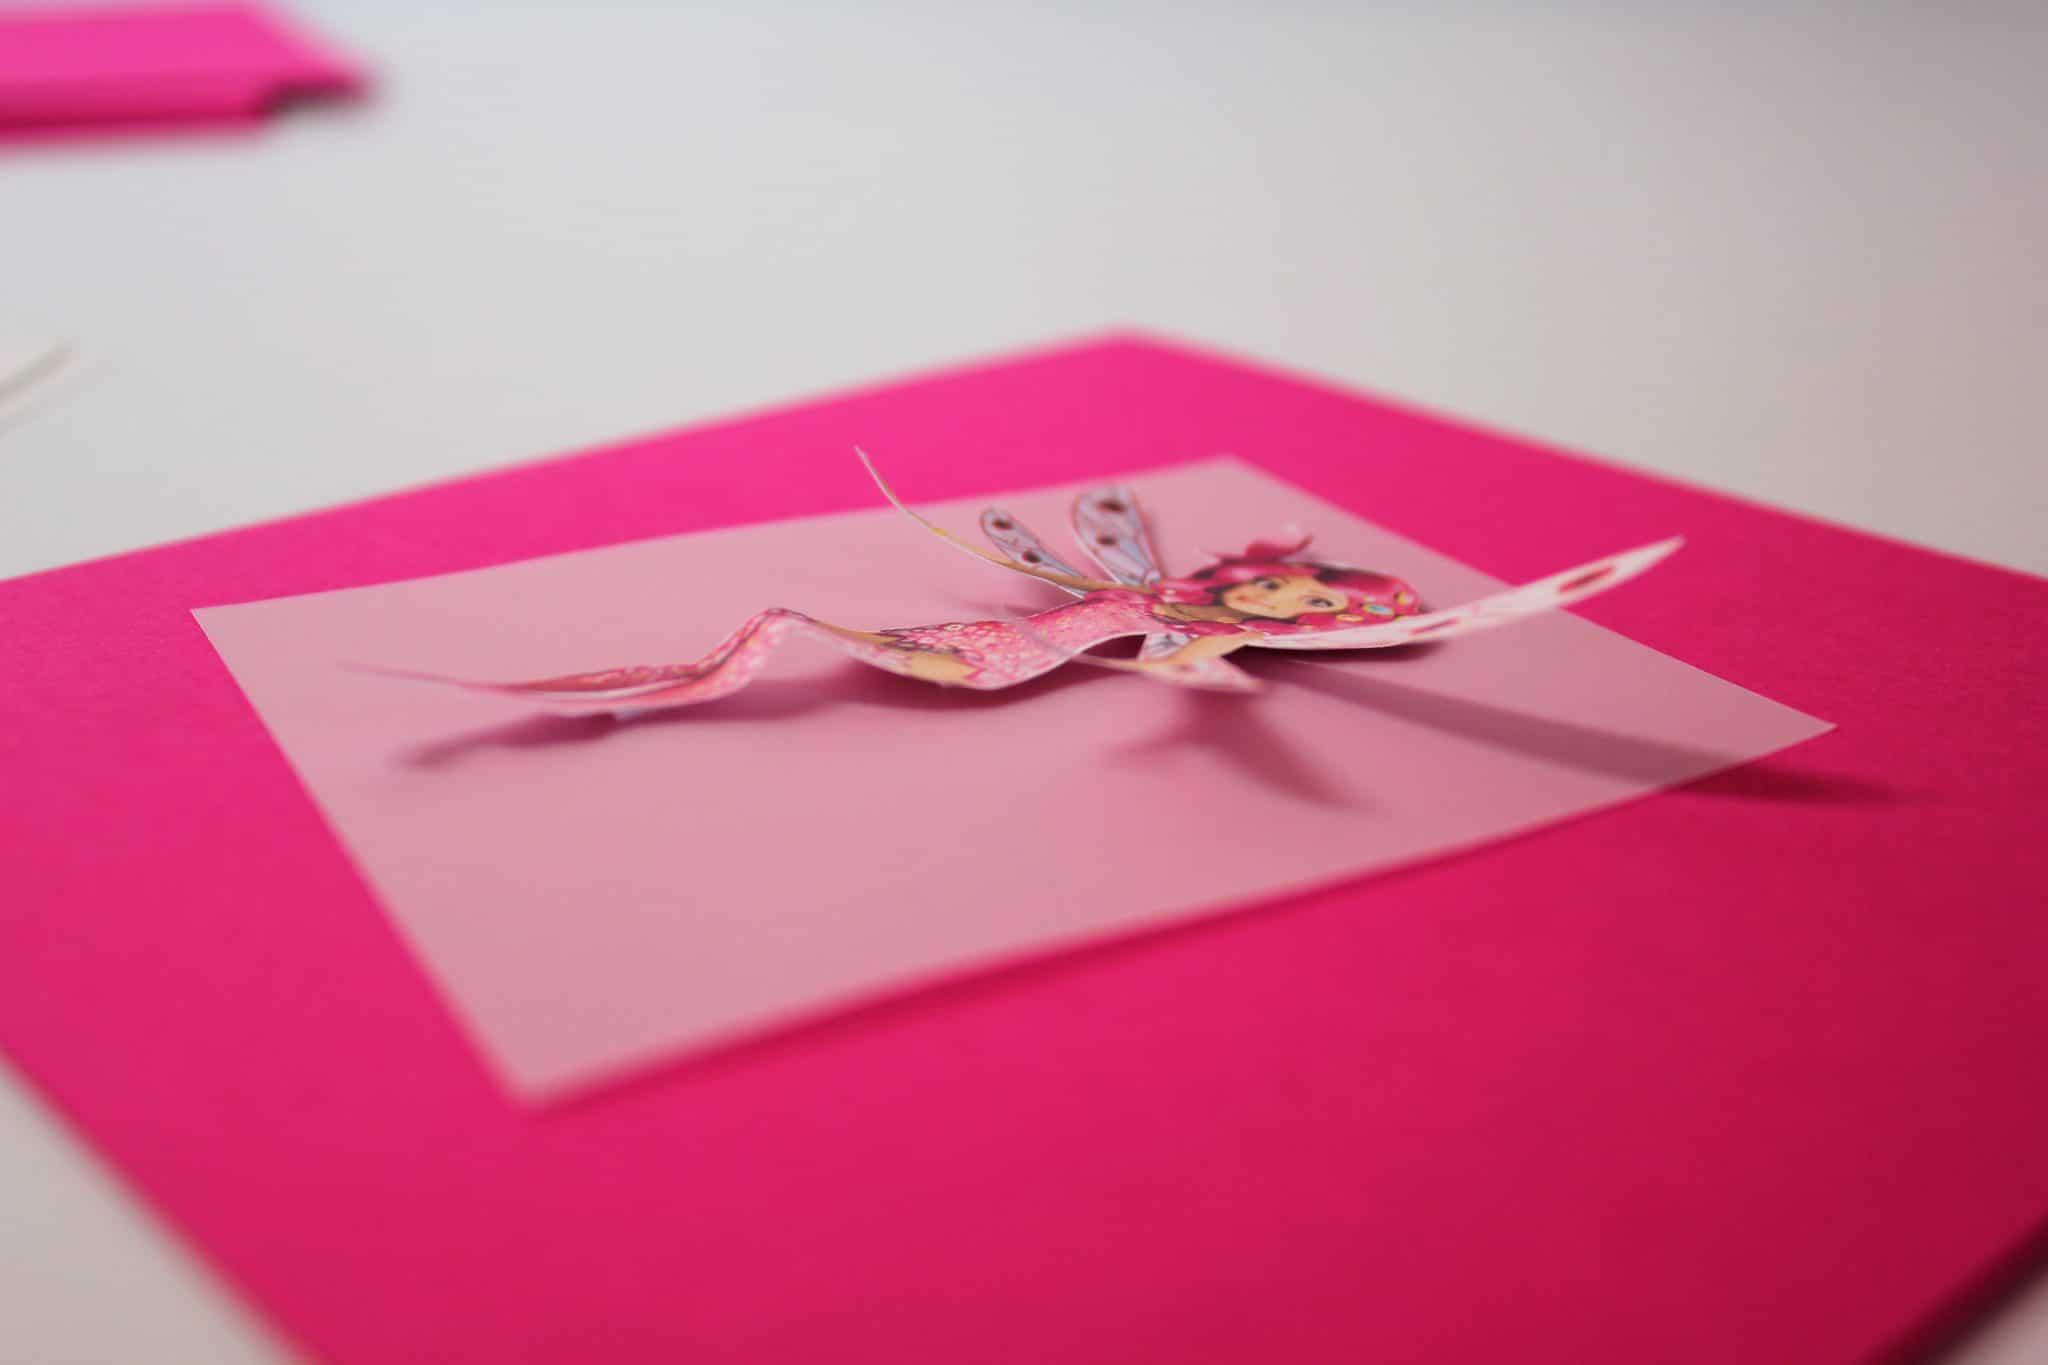 Mia And Me Einladungen, Mia And Me Einladungskarten, Mia And Me Einladungen  Basteln,